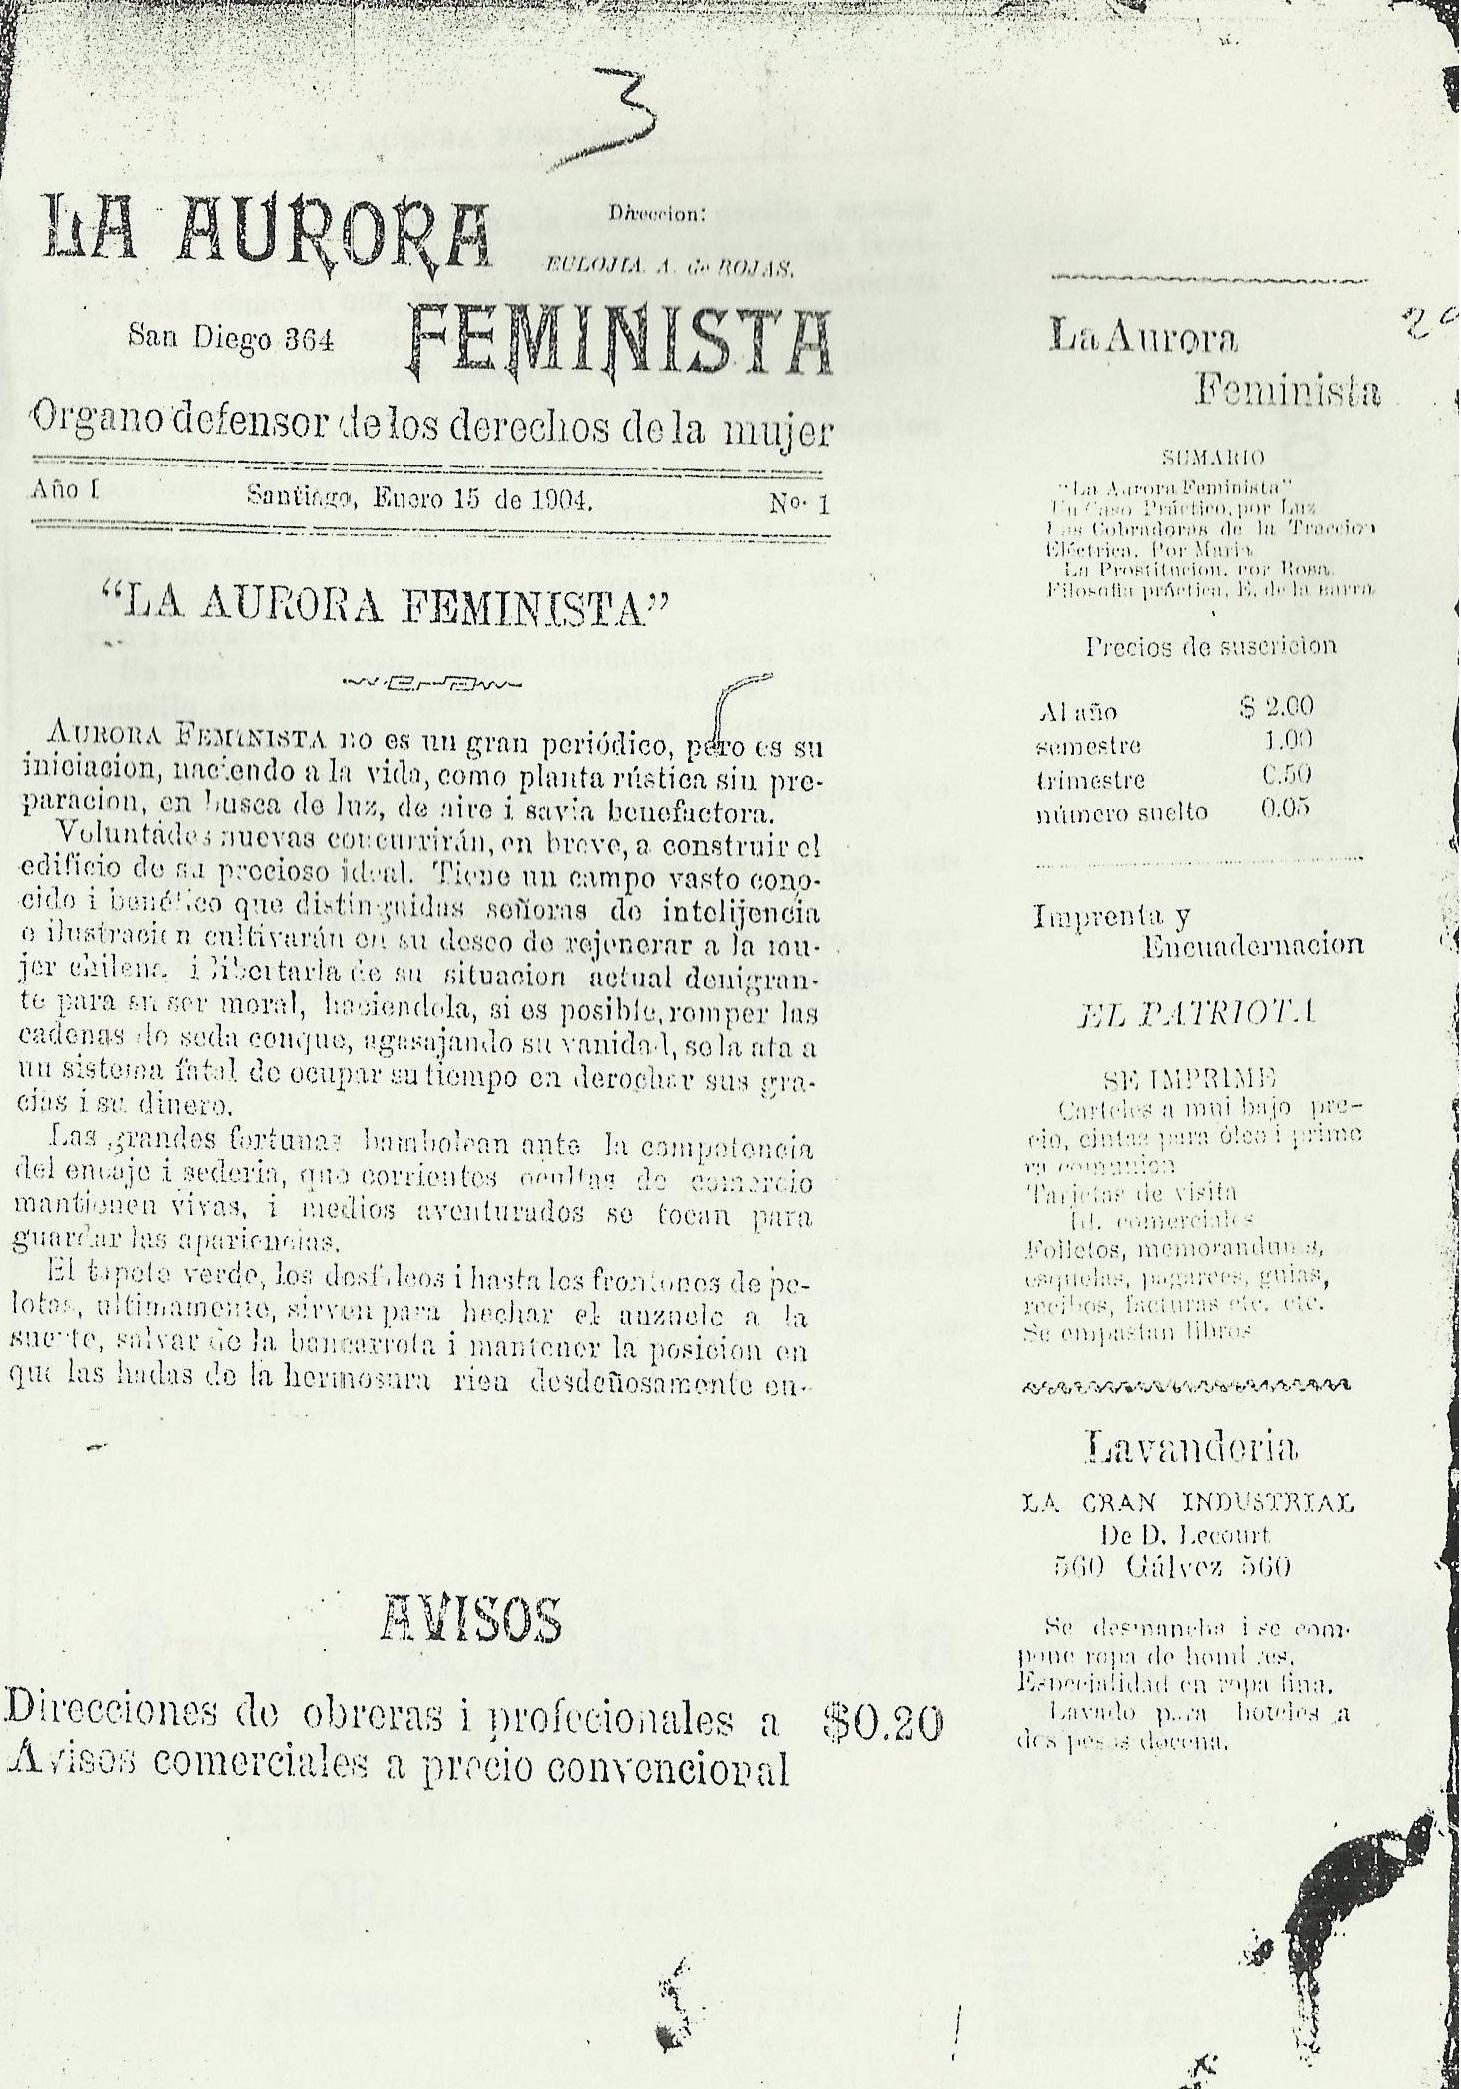 La Aurora Feminista